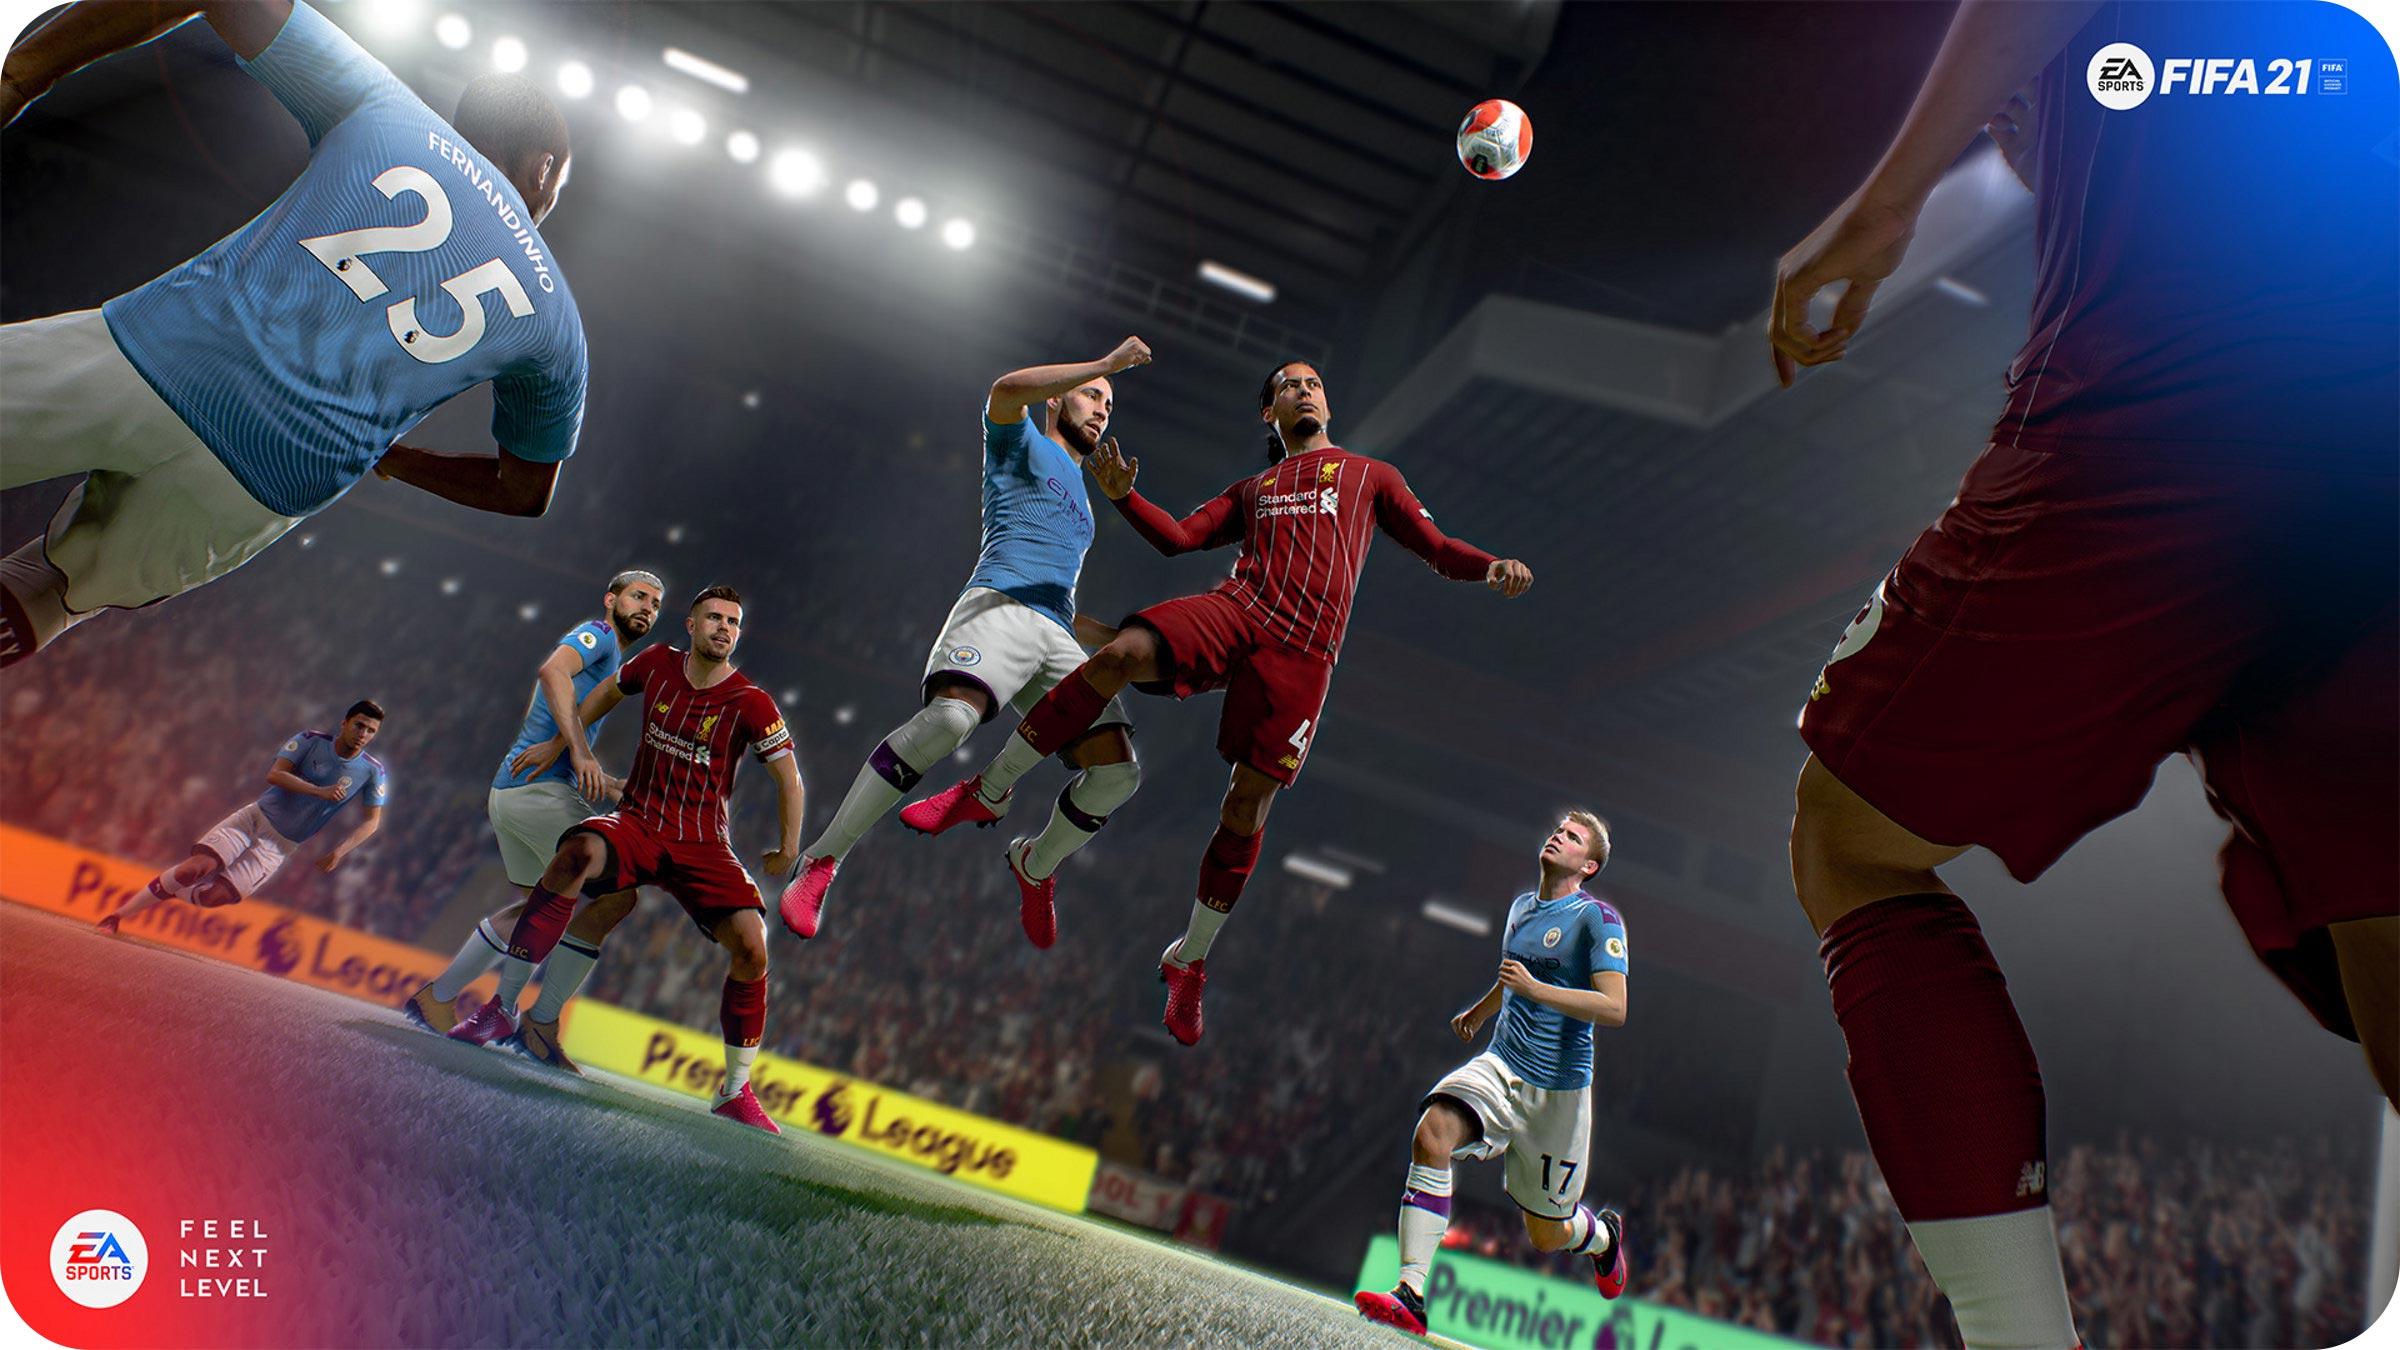 PlayStation PS4-G : FIFA 21 (R3) (EN)